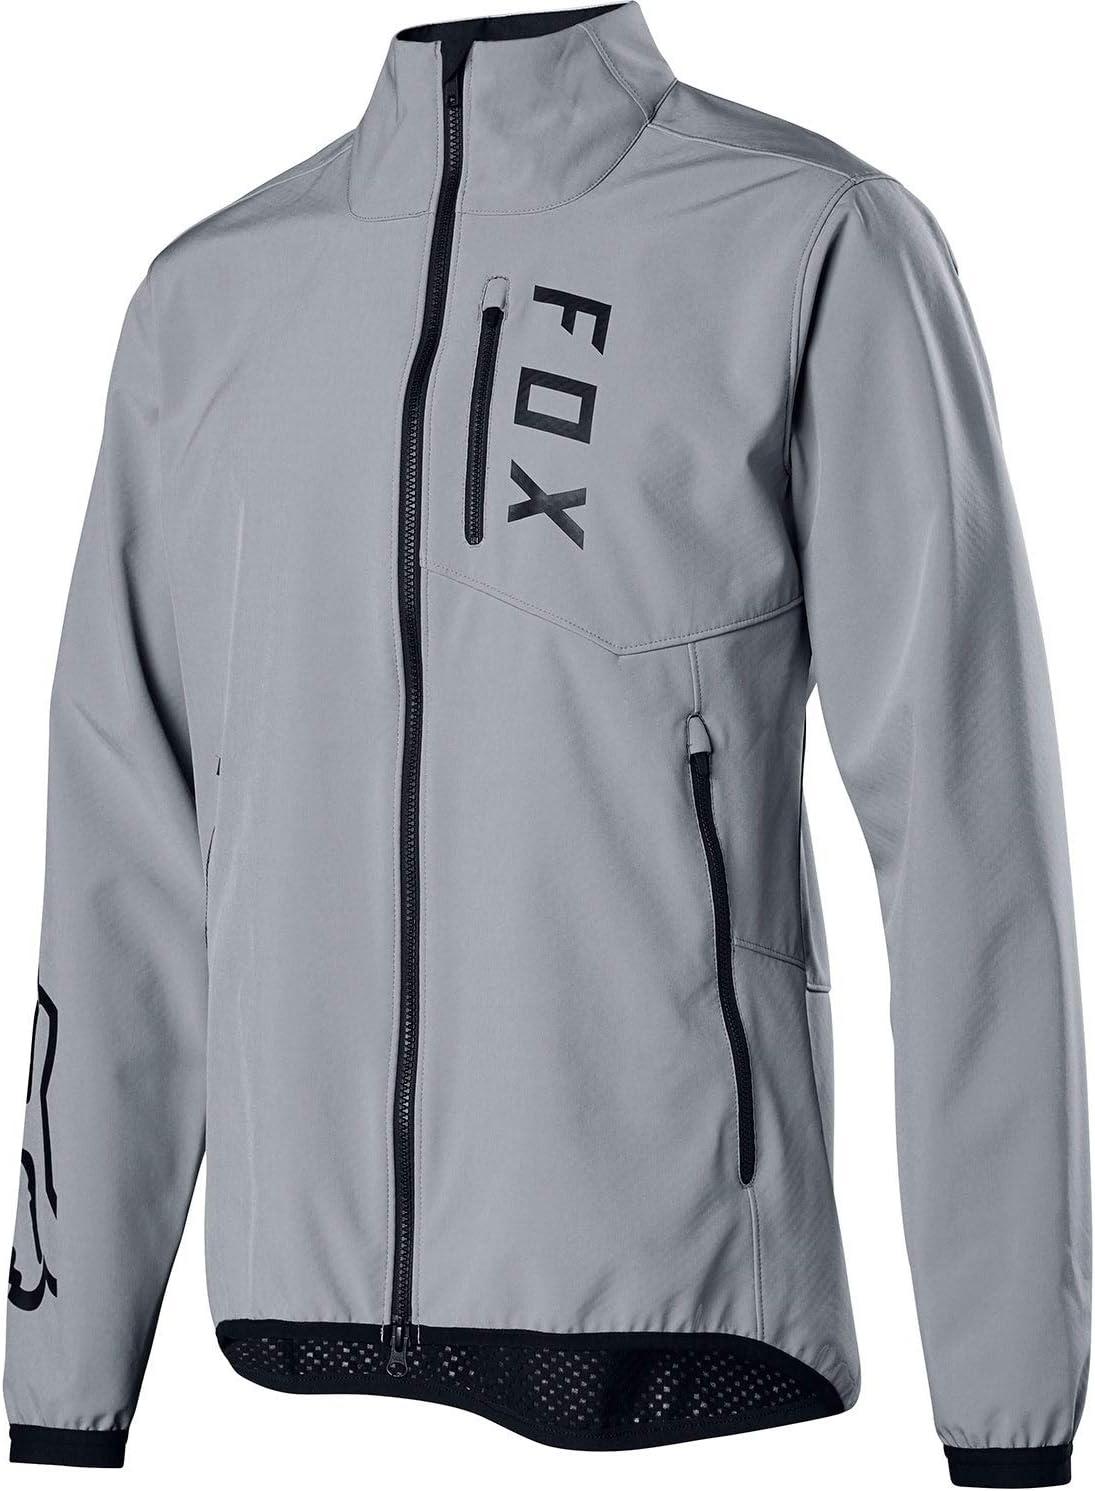 Ranger Fire Jacket Steel Grey L